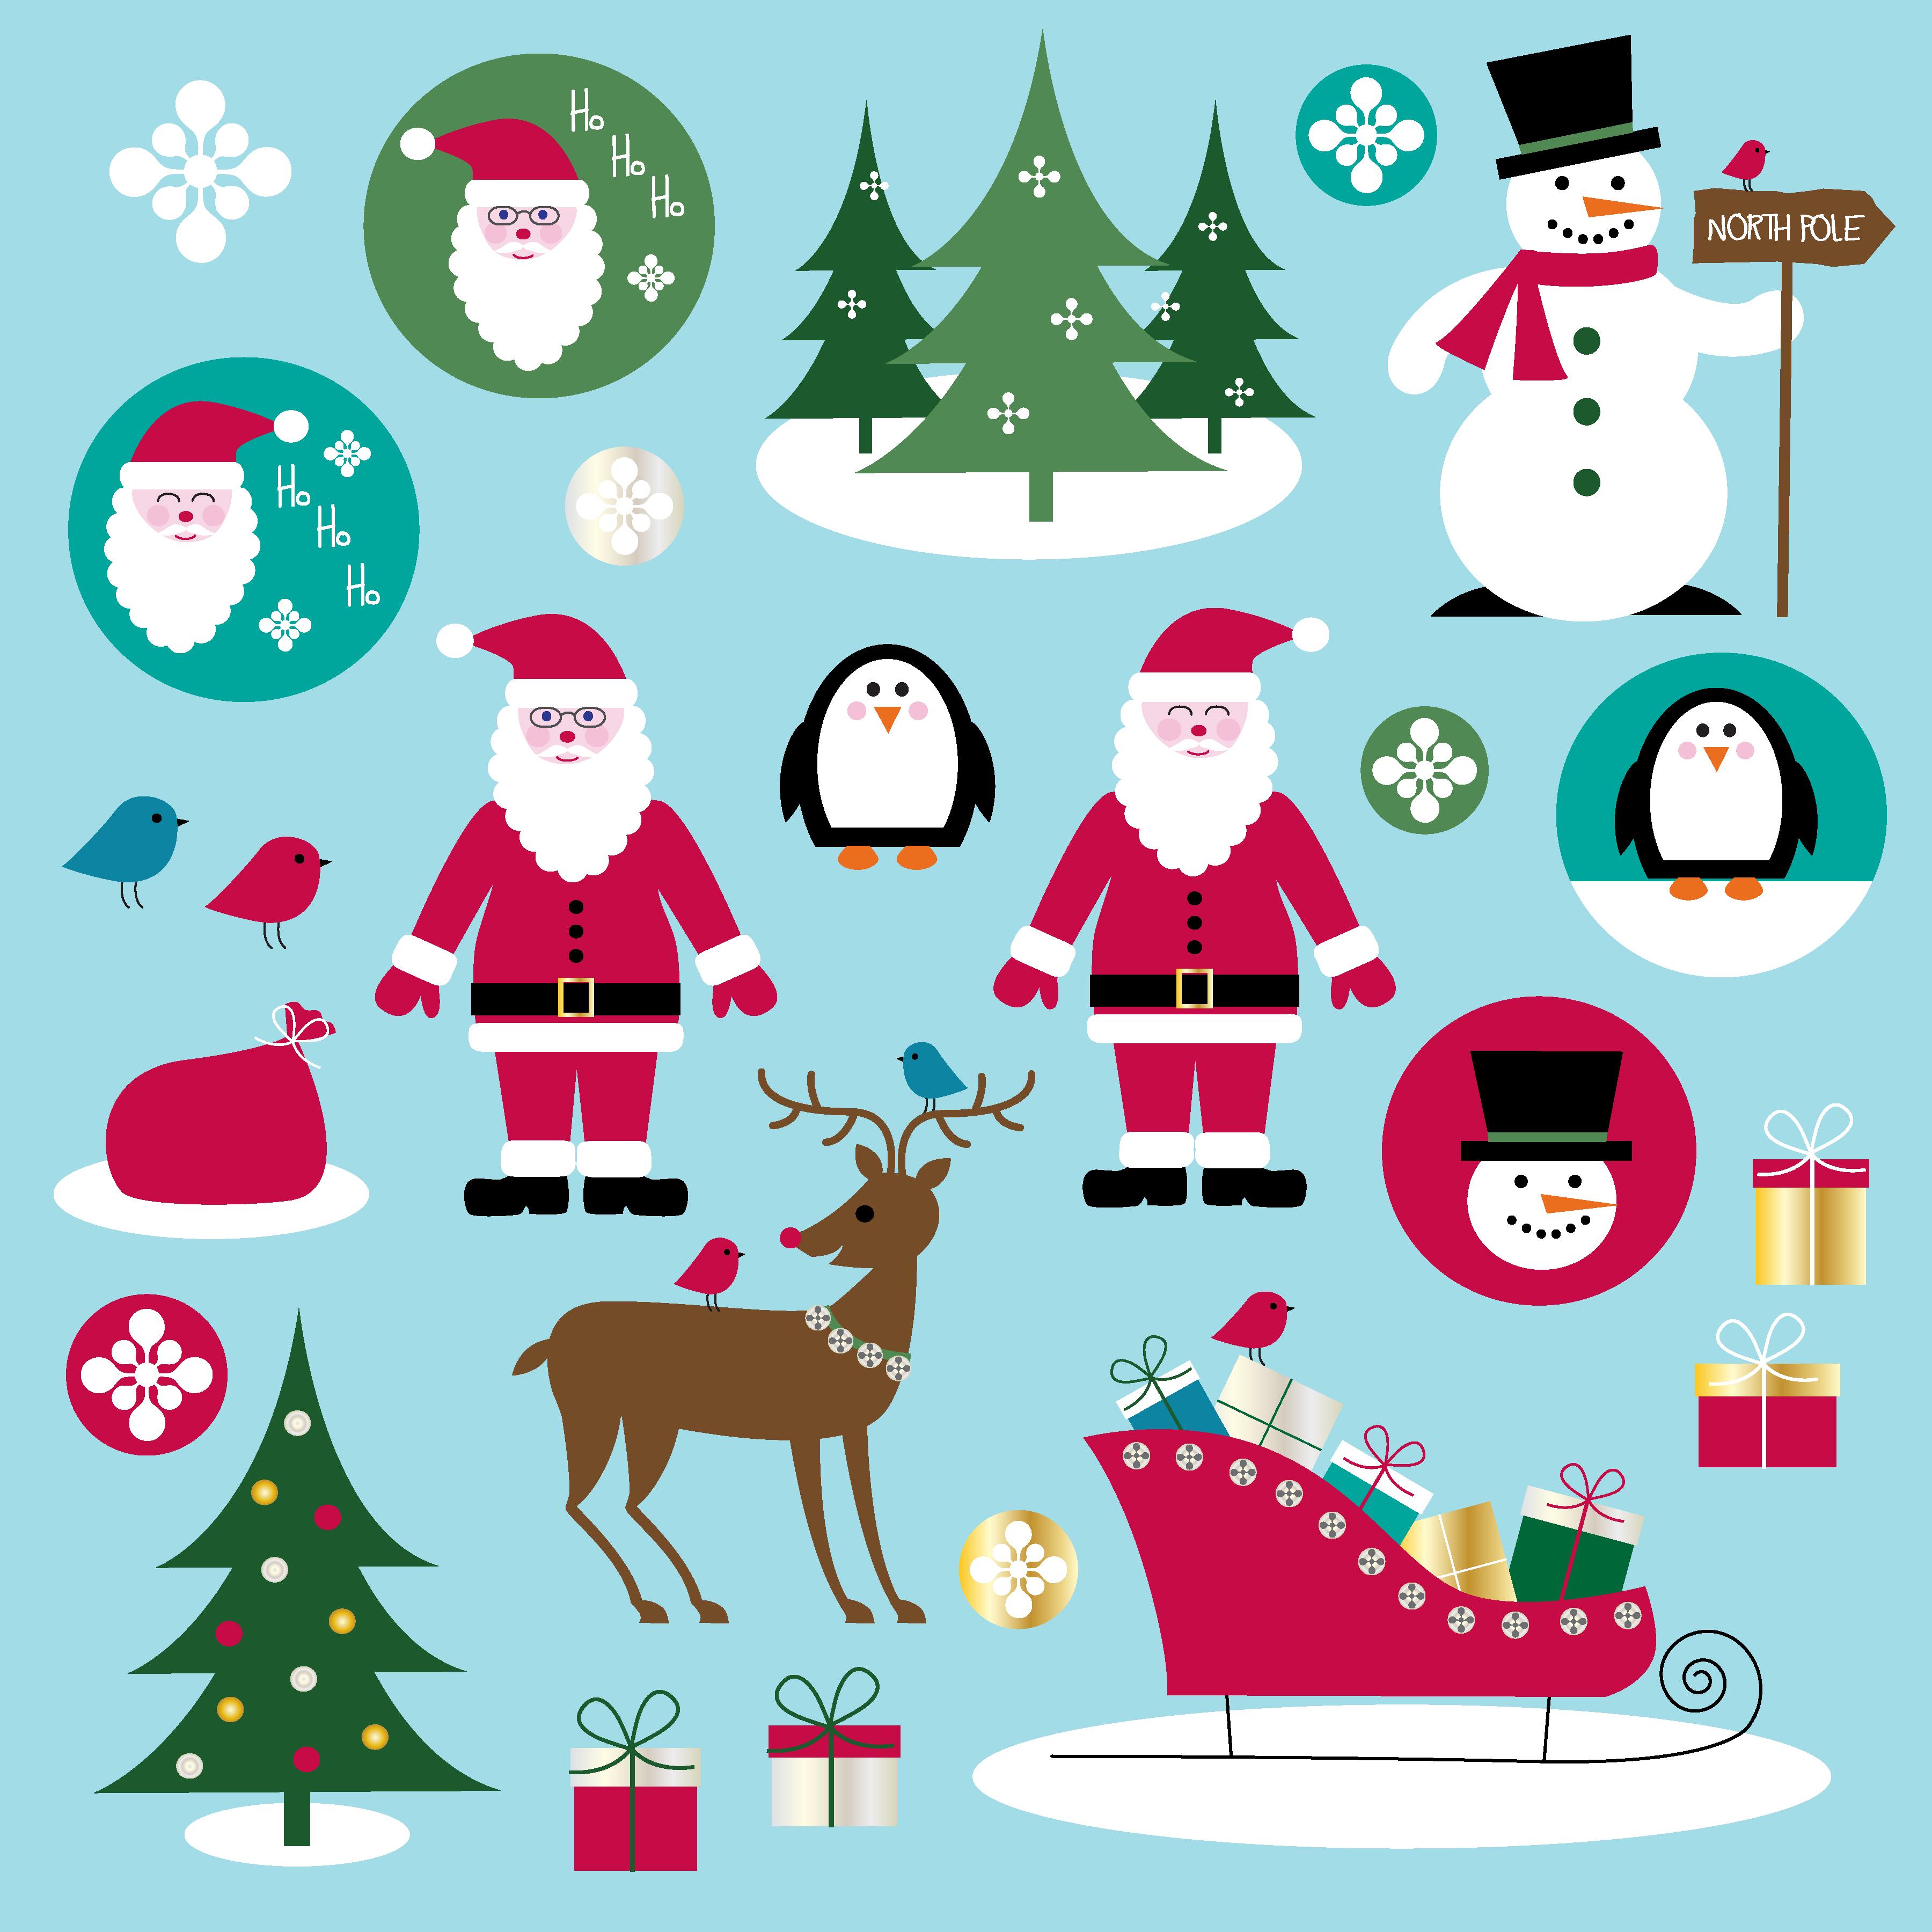 santa claus clipart download free vectors clipart graphics vector art https www vecteezy com vector art 342813 santa claus clipart